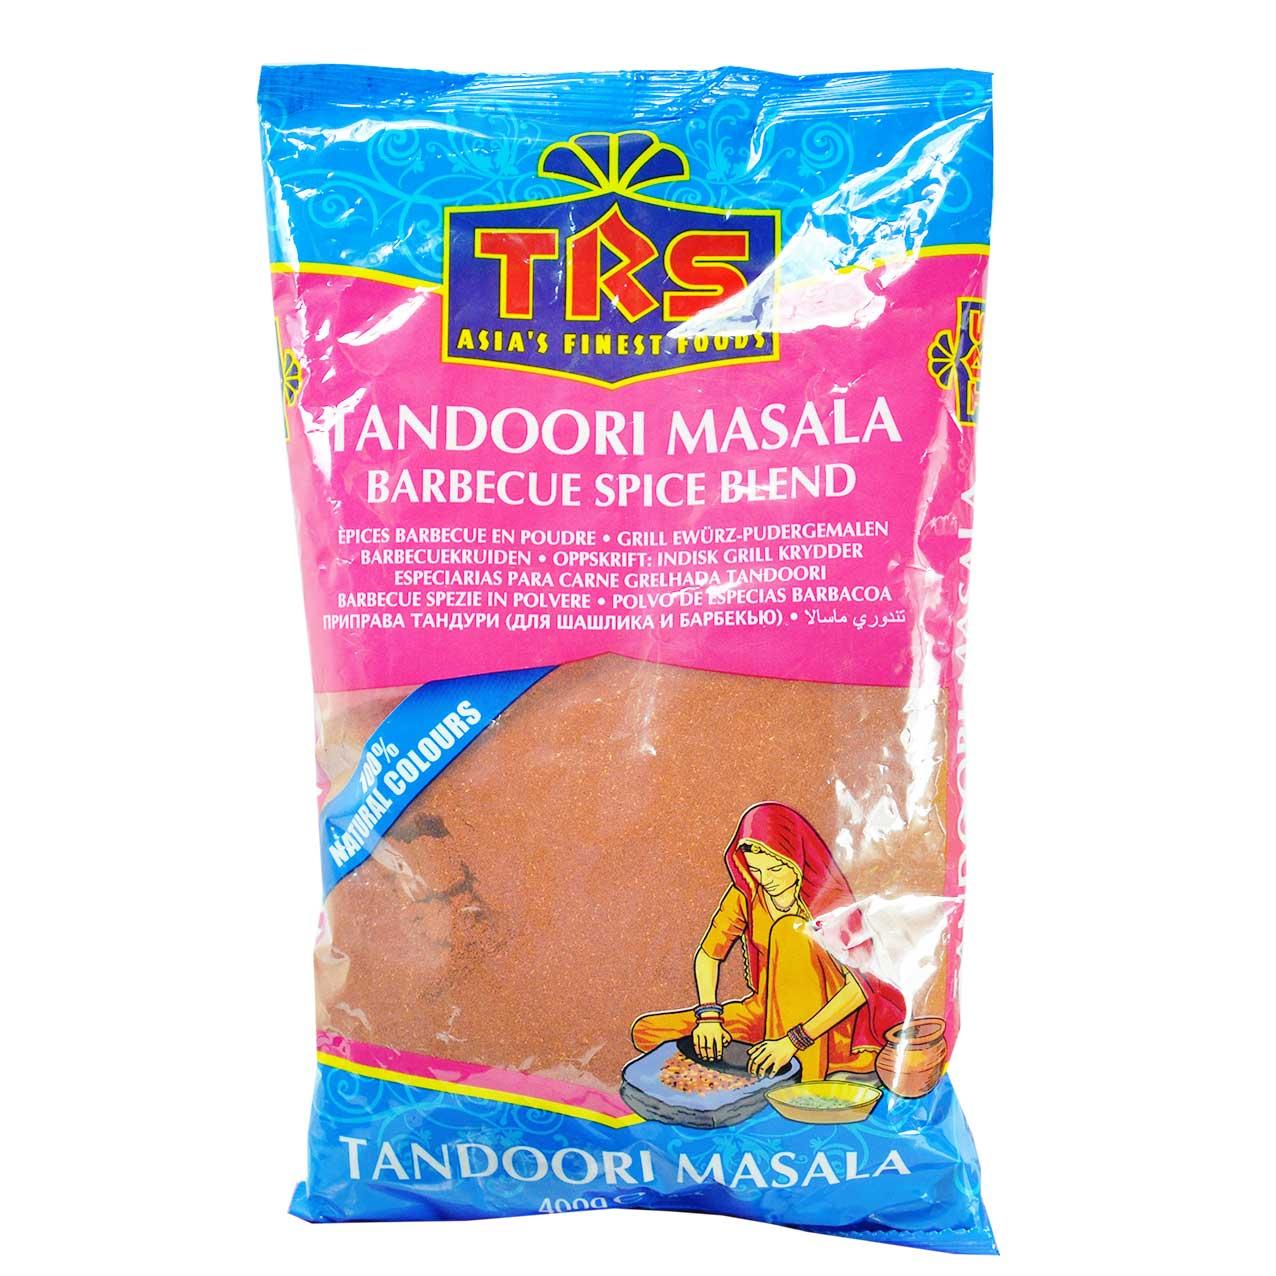 ادویه تندوری ماسالا تی آر اس ۴۰۰ گرمی – TRS